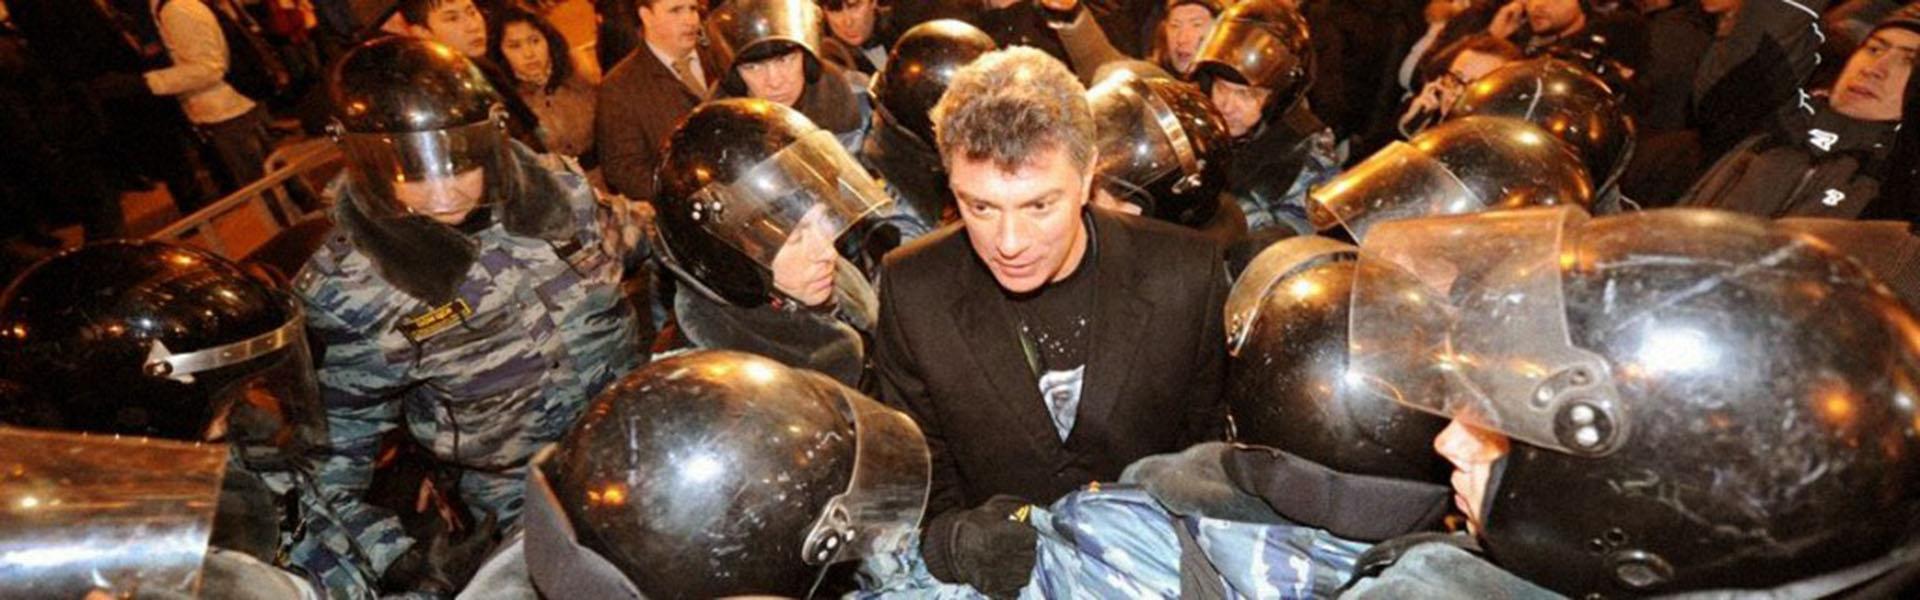 Немцов: воспоминания